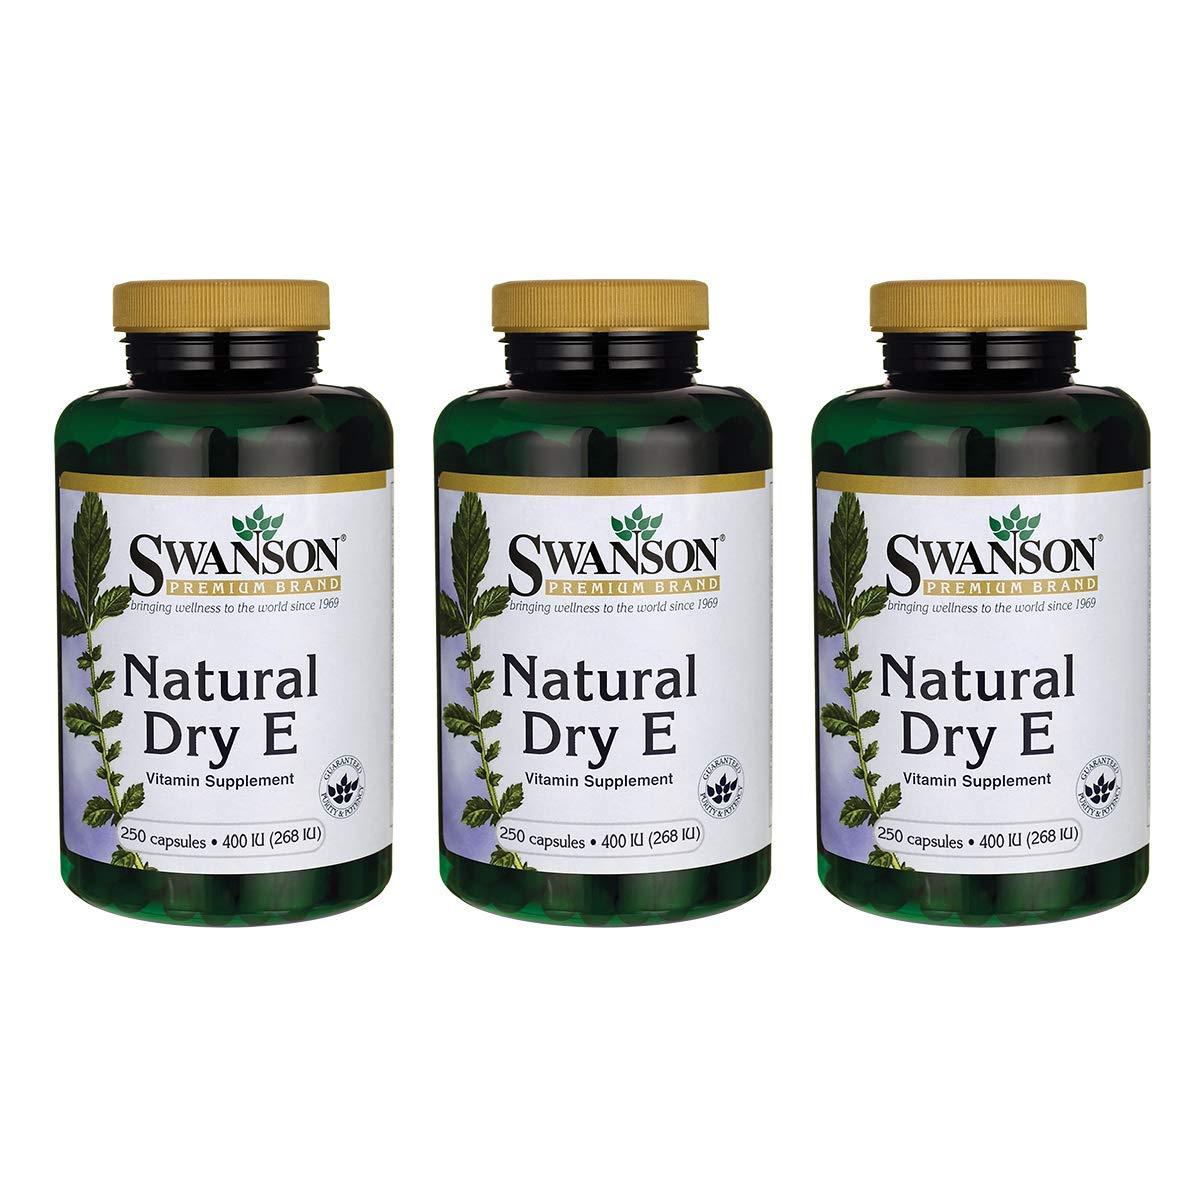 Swanson Natural Dry Vitamin E 400 Iu (180.2 Milligrams) 250 Capsules (3 Pack)